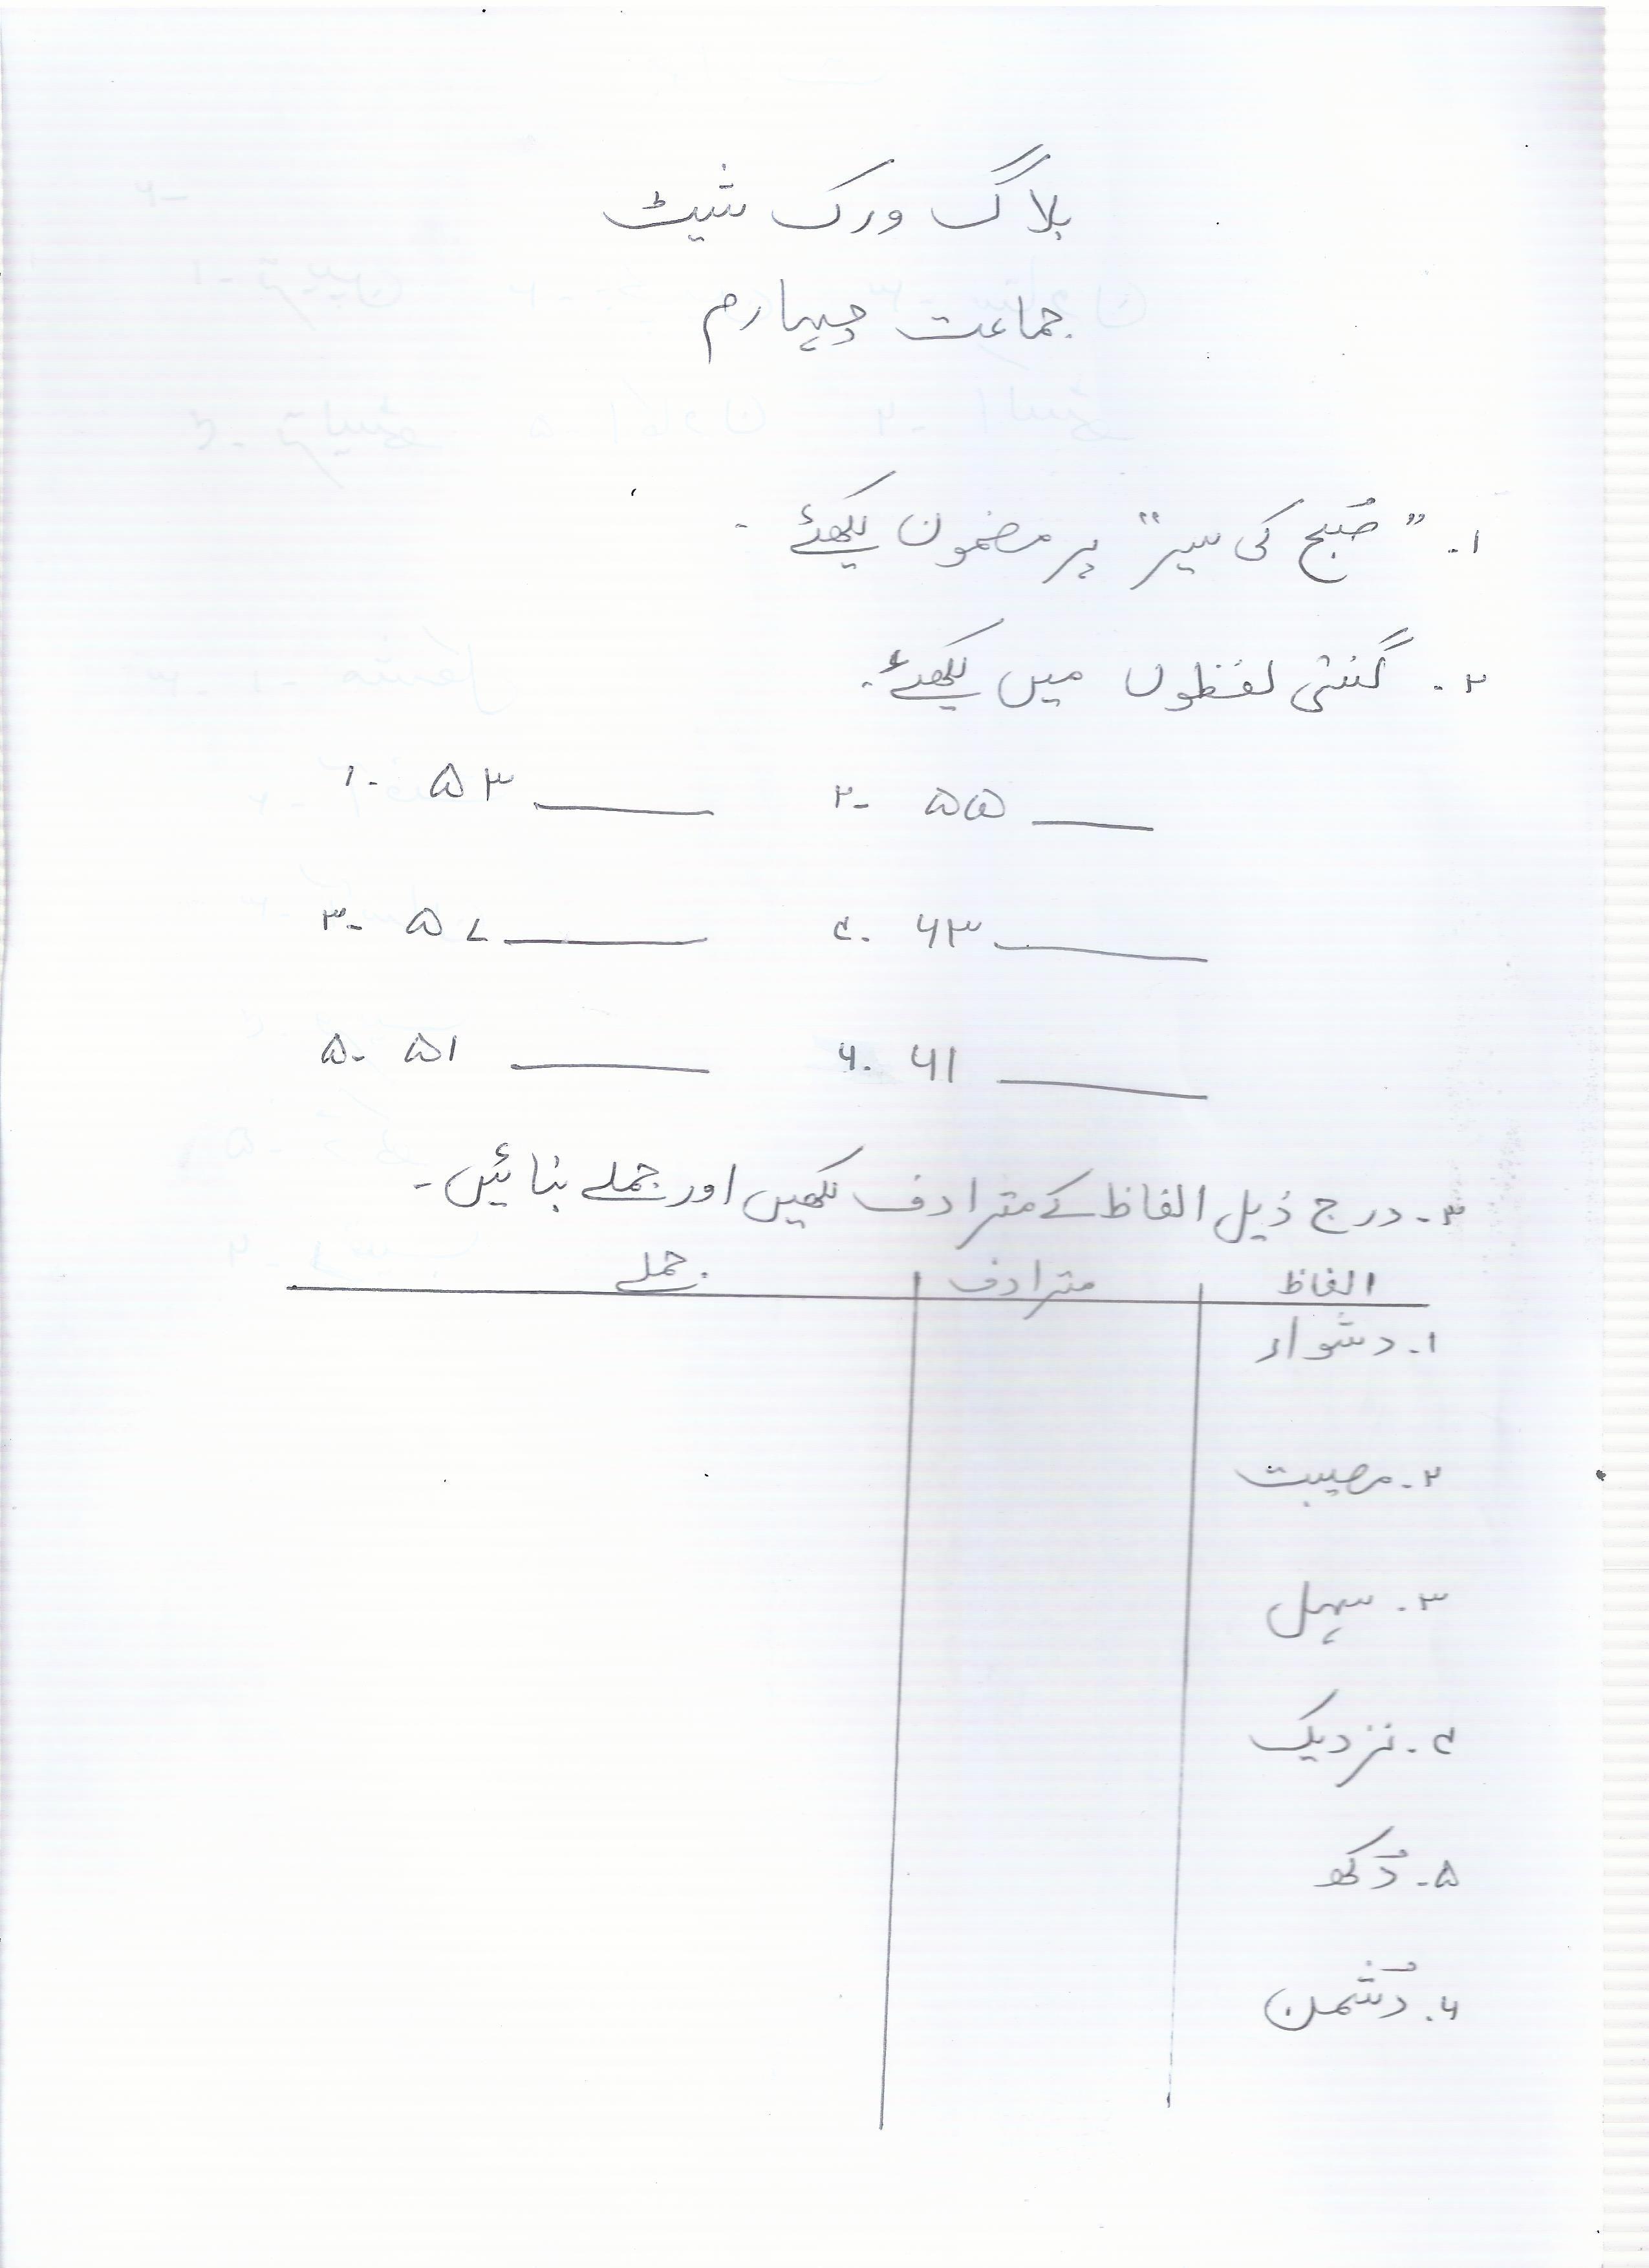 Urdu Bw Year 4 1 Of 21 Jpg 2550 3507 Worksheets Math Urdu [ 3507 x 2550 Pixel ]